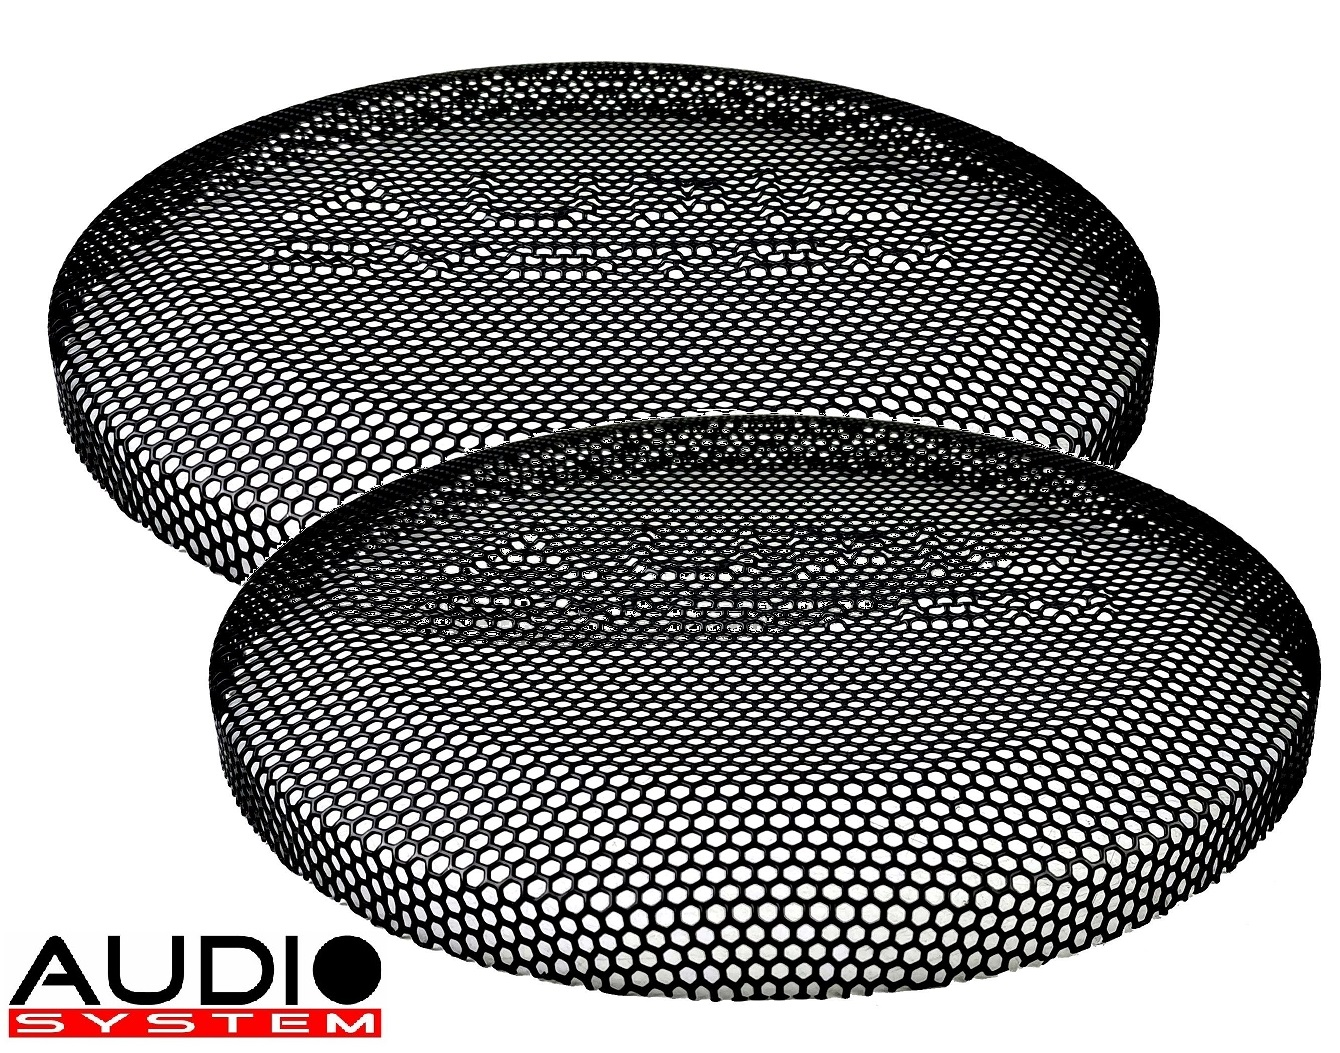 AUDIO SYSTEM GI 08 Subwoofergitter schwarz mit LOGO 1 Paar